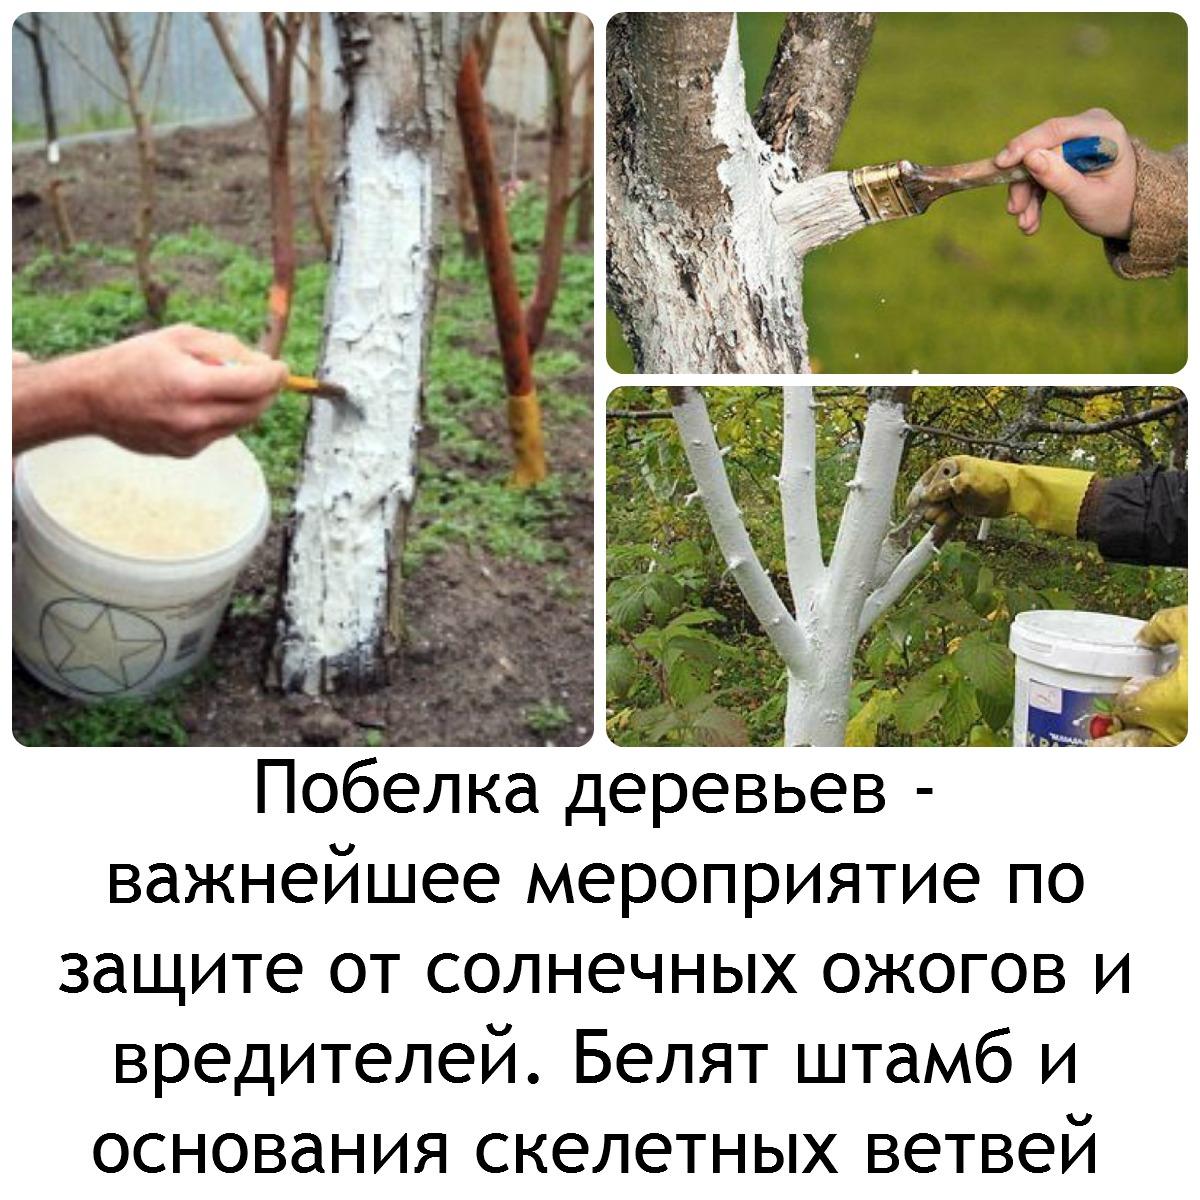 Побелка плодовых деревьев осенью: состав смесей и технология работы